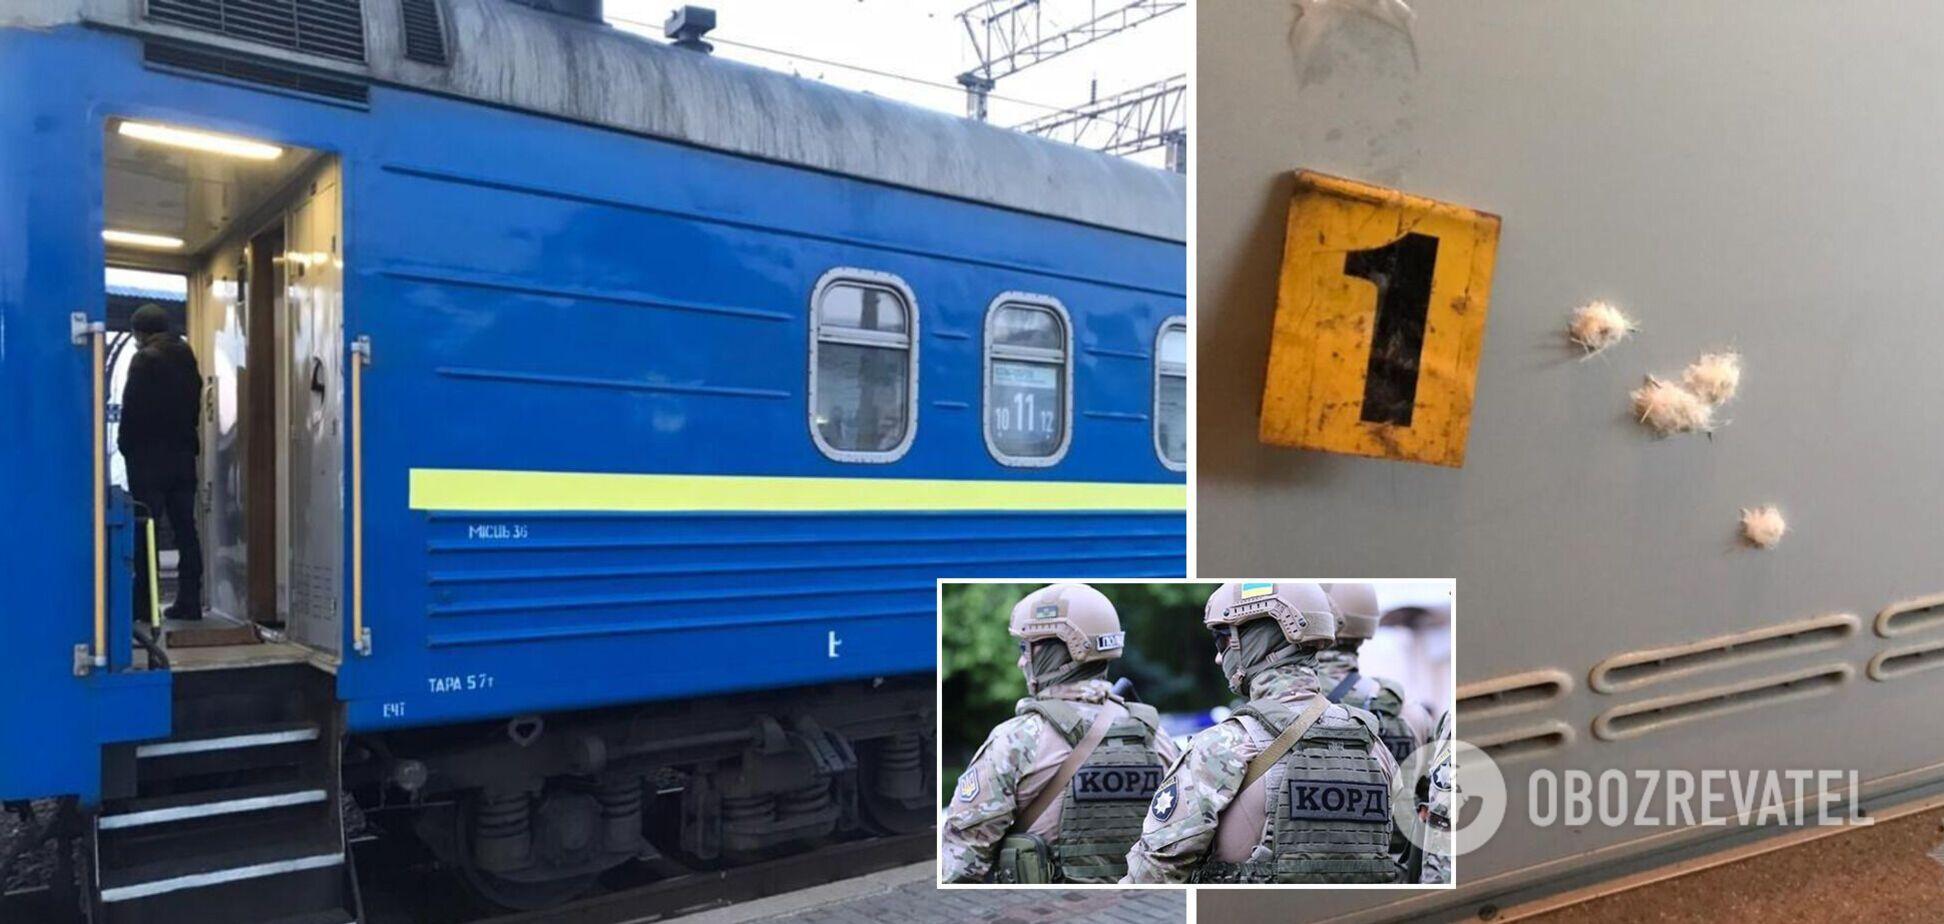 В полиции показали кадры с поезда на Харьковщине, где офицеры устроили стрельбу. Фото